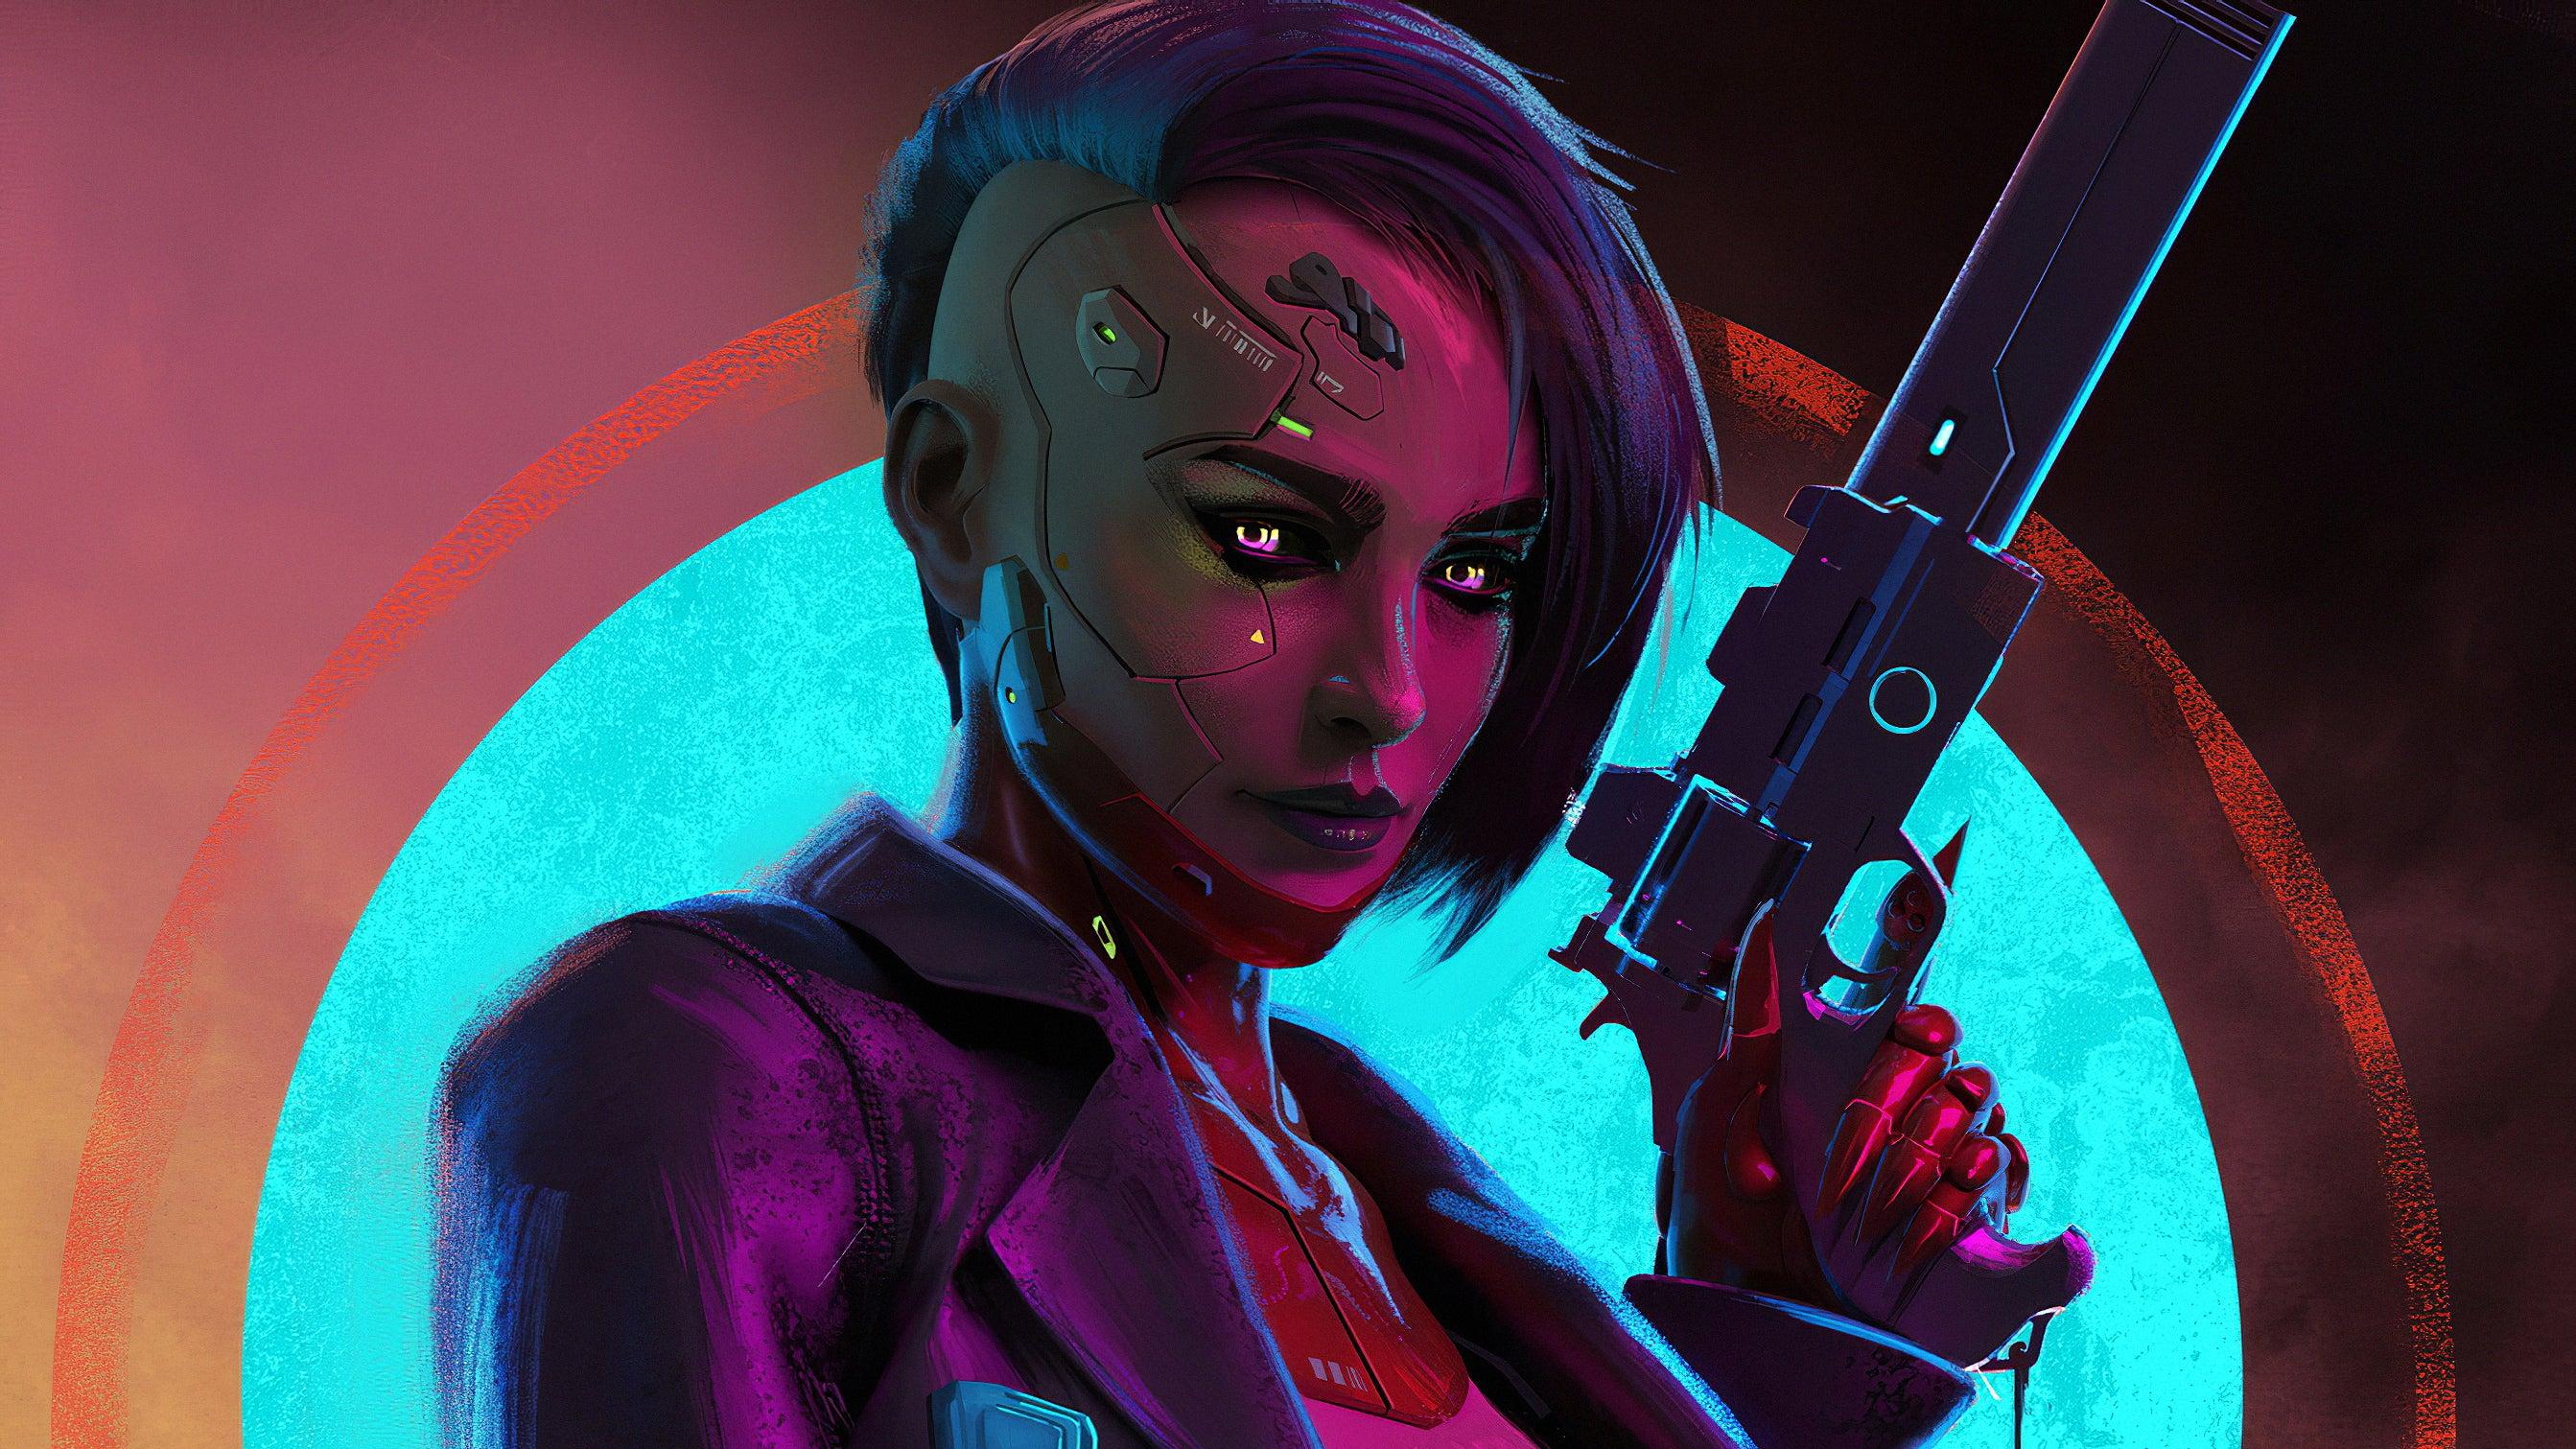 Cyberpunk Girl With Gun HD wallpaper